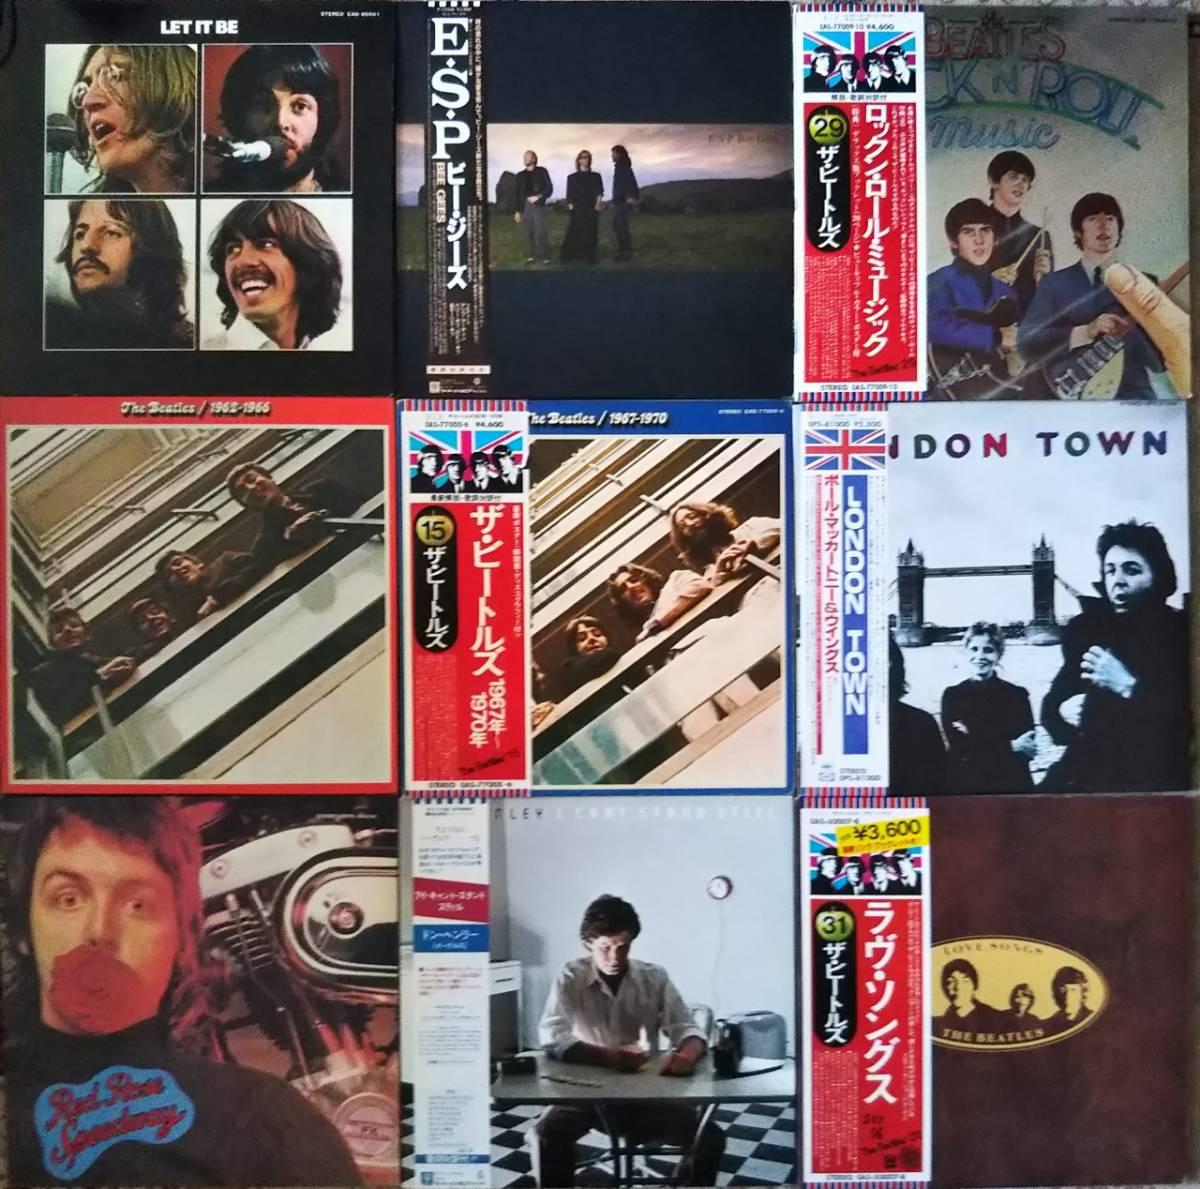 洋楽 LP45枚セット BEATLES ビートルズ、ロック、AOR、リンダ・ロンシュタット、ABBA、ボブ・ディラン、SOUL、FUSION、ビージーズなど_画像2